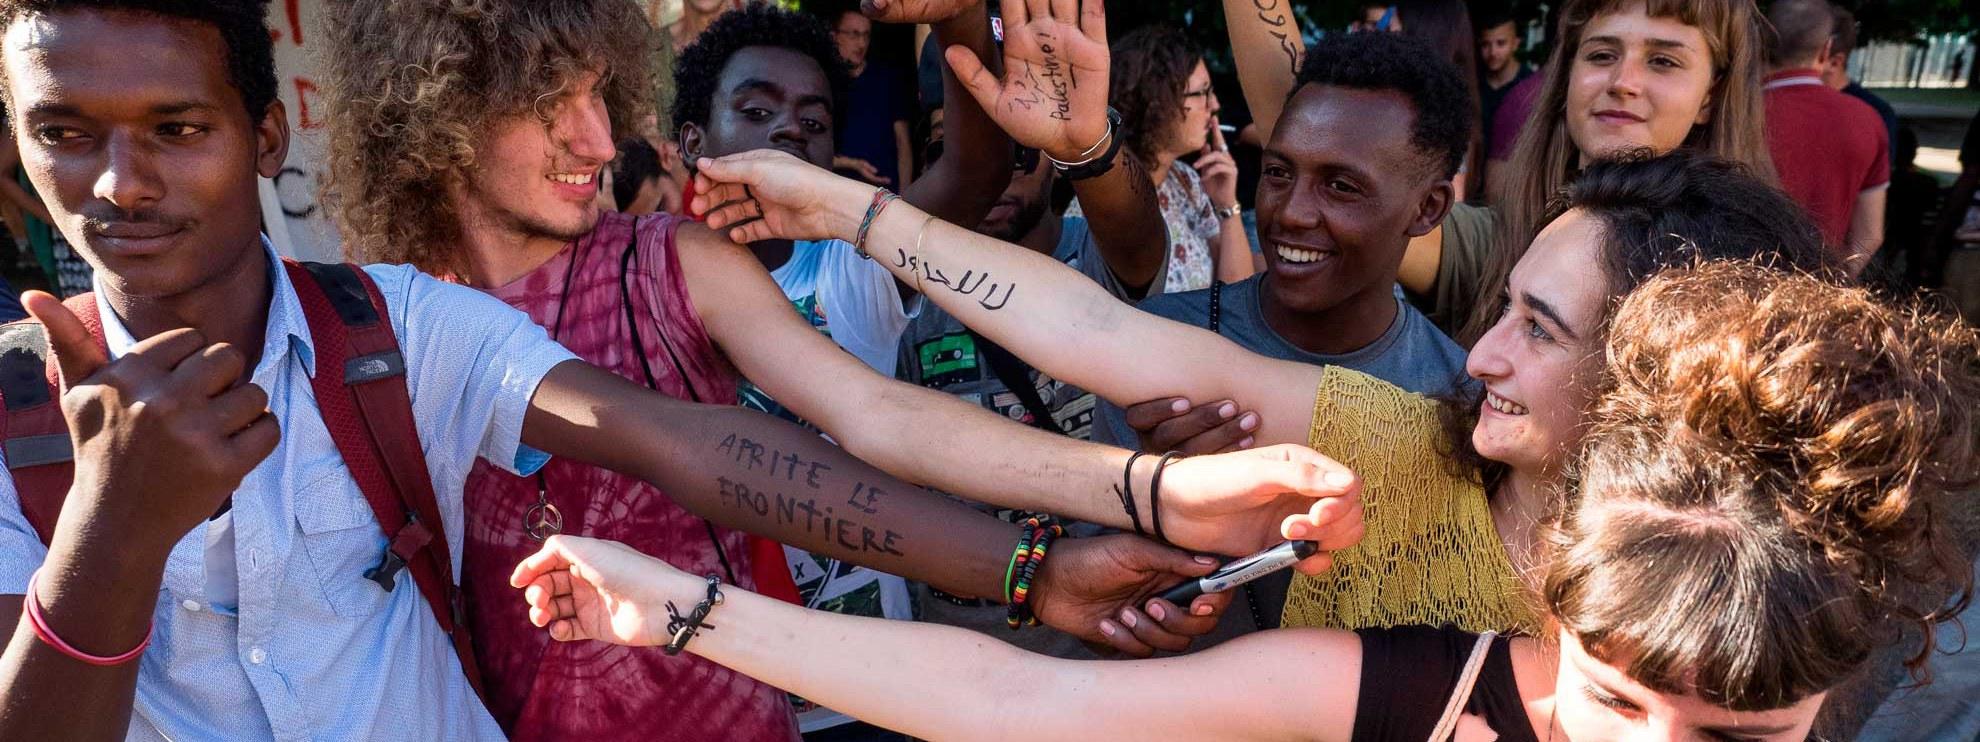 Flüchtlinge werden in Chiasso von jungen Schweizerinnen und Schweizern empfangen. © Marco Aprile / shutterstock.com